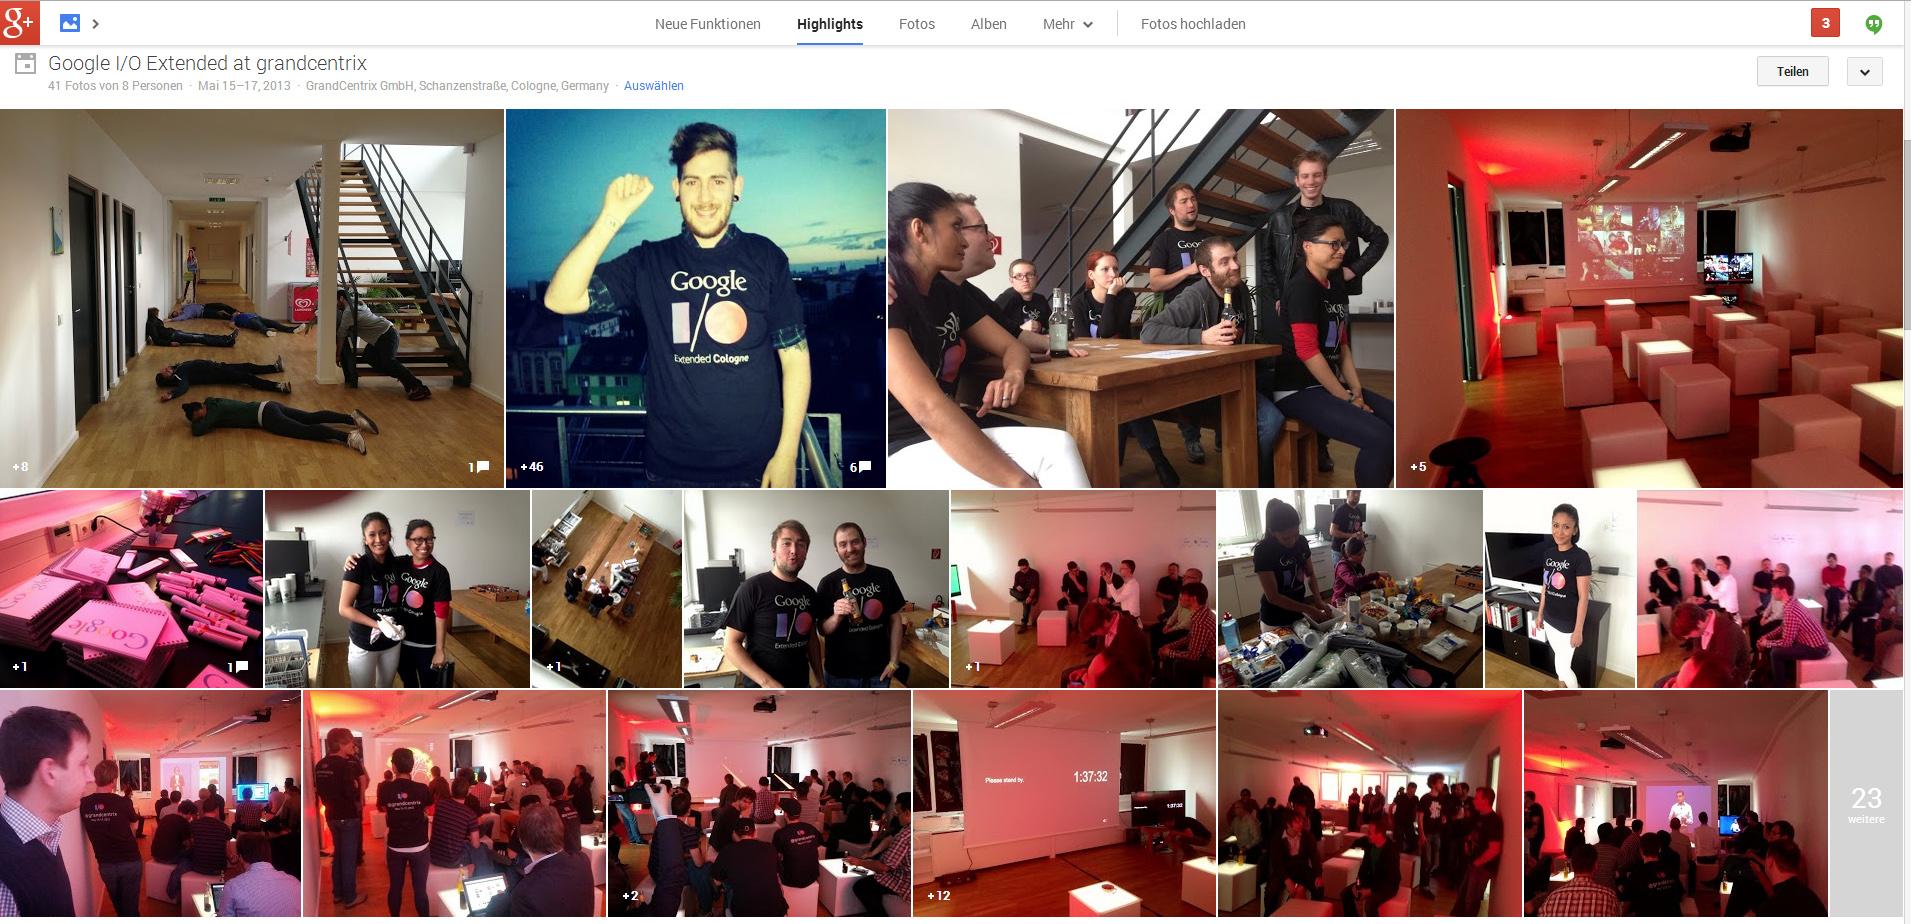 Google+ I/O Fotos